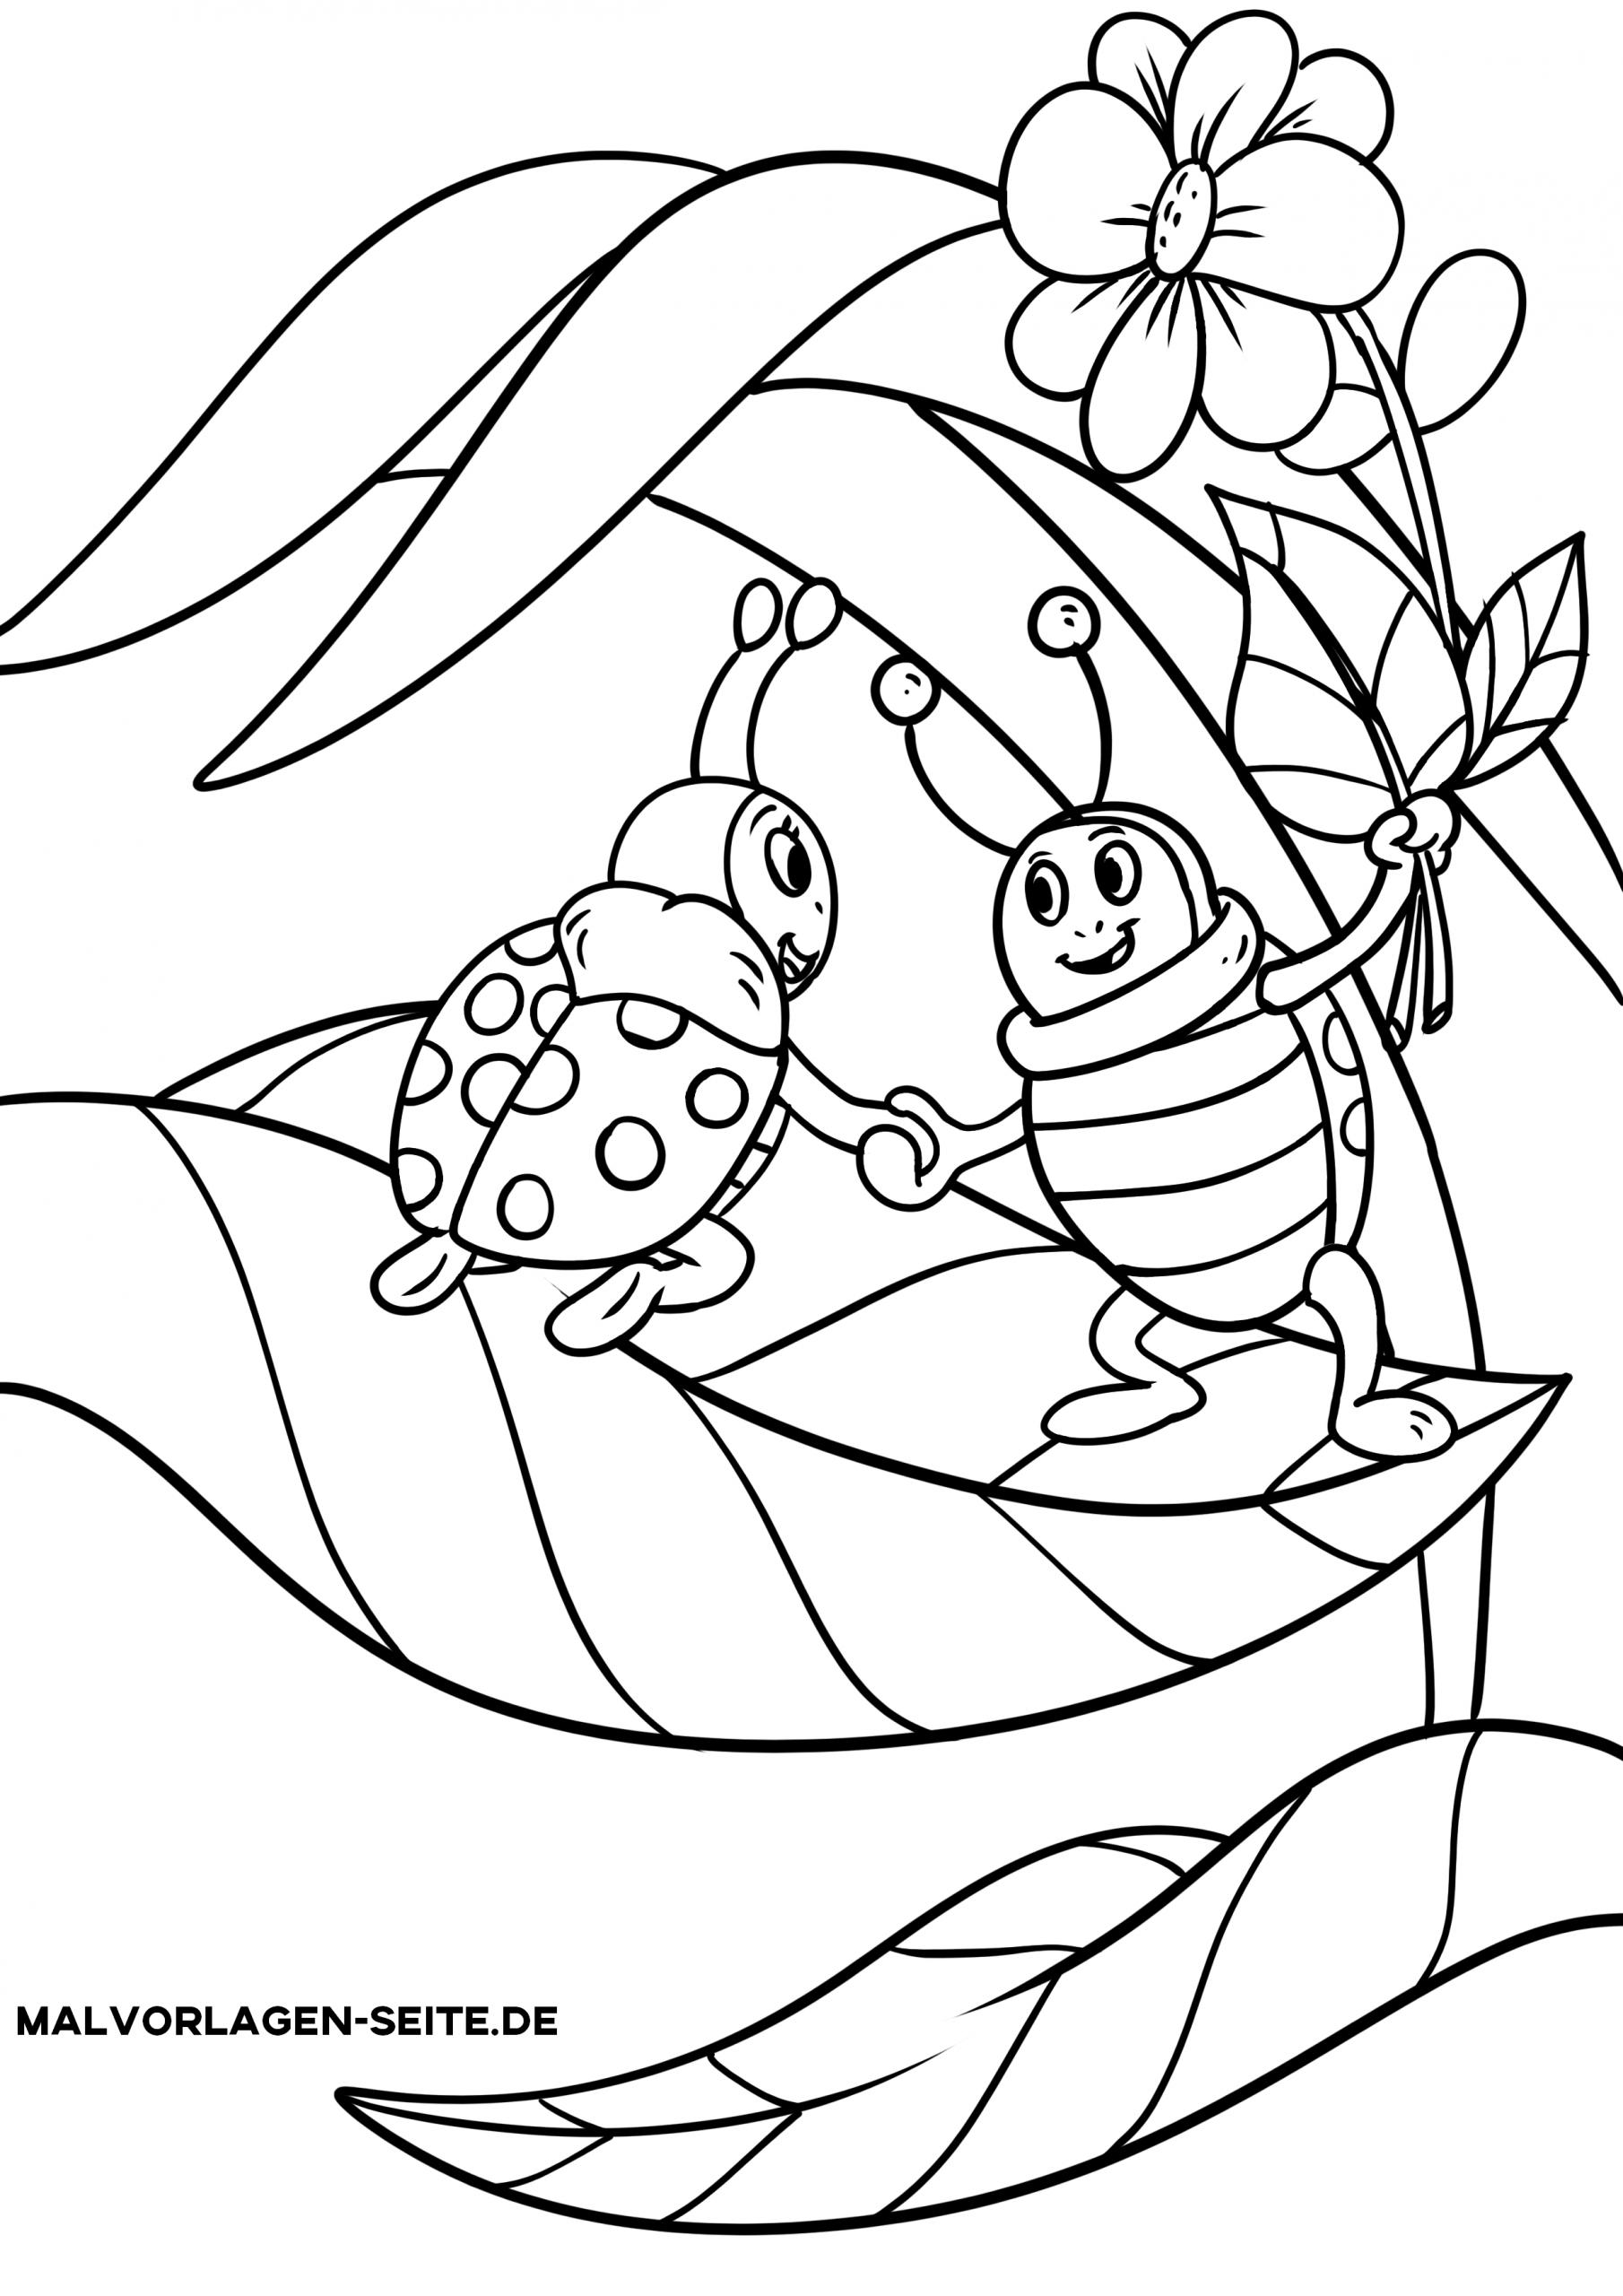 Malvorlage Marienkäfer   Tiere Insekten - Ausmalbilder verwandt mit Malvorlage Marienkäfer